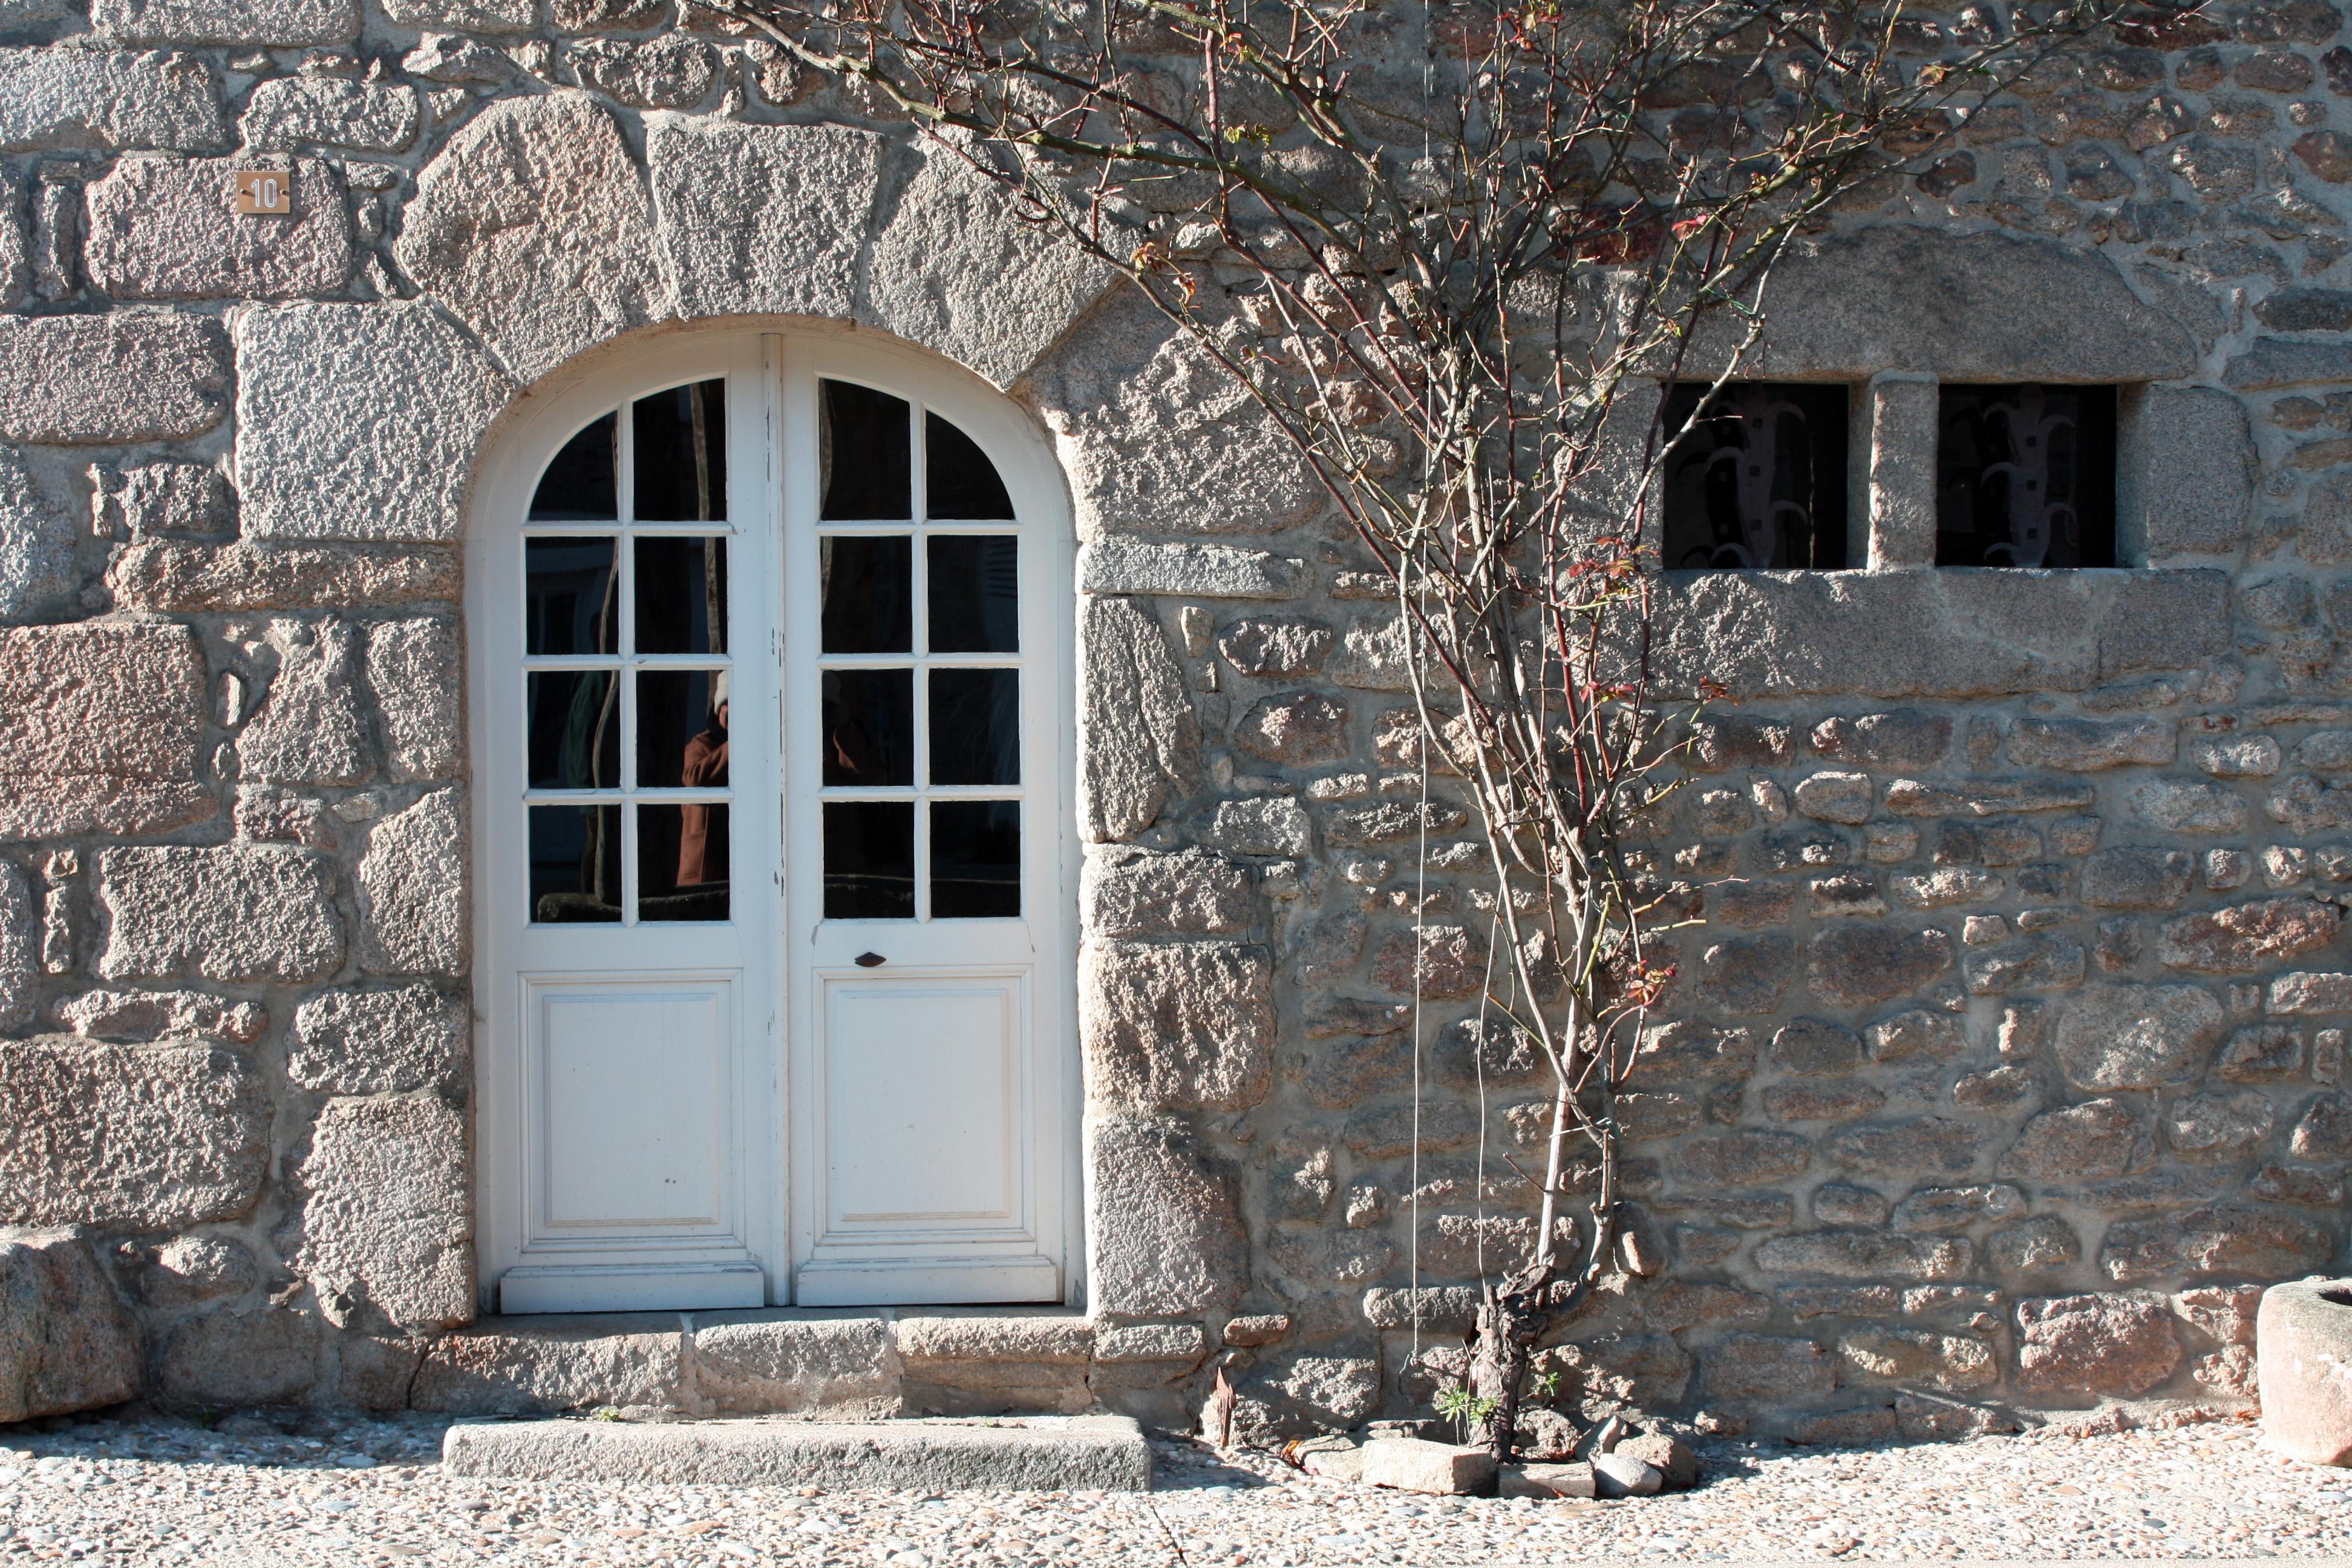 Ingresso Casa Esterno In Pietra immagini belle : architettura, casa, finestra, vecchio